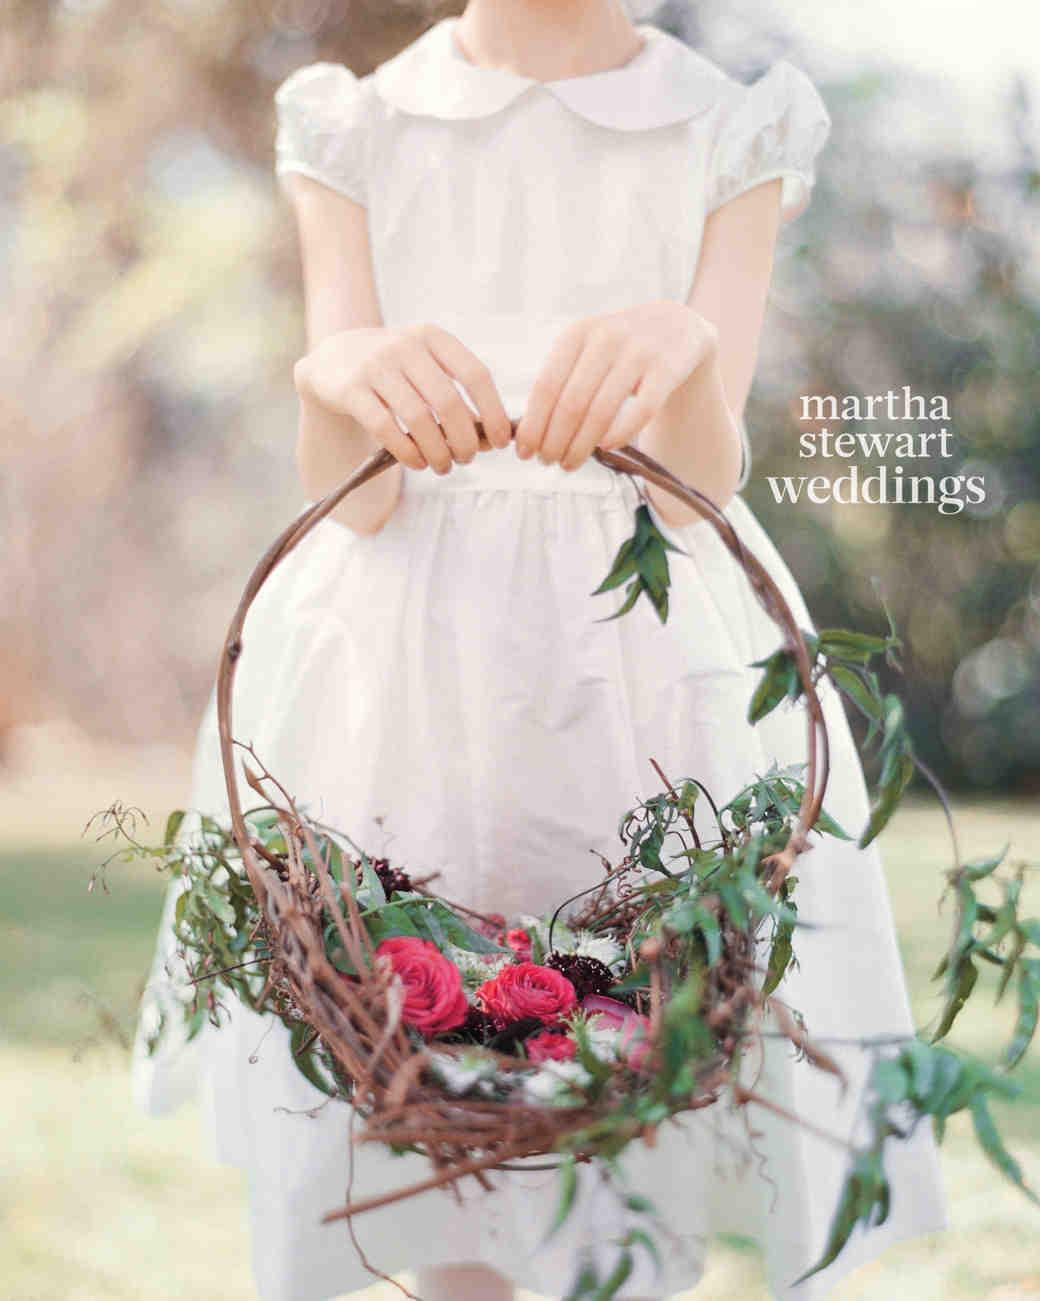 msophia-joel-wedding-los-angeles-015-d112240-watermarked-0915.jpg